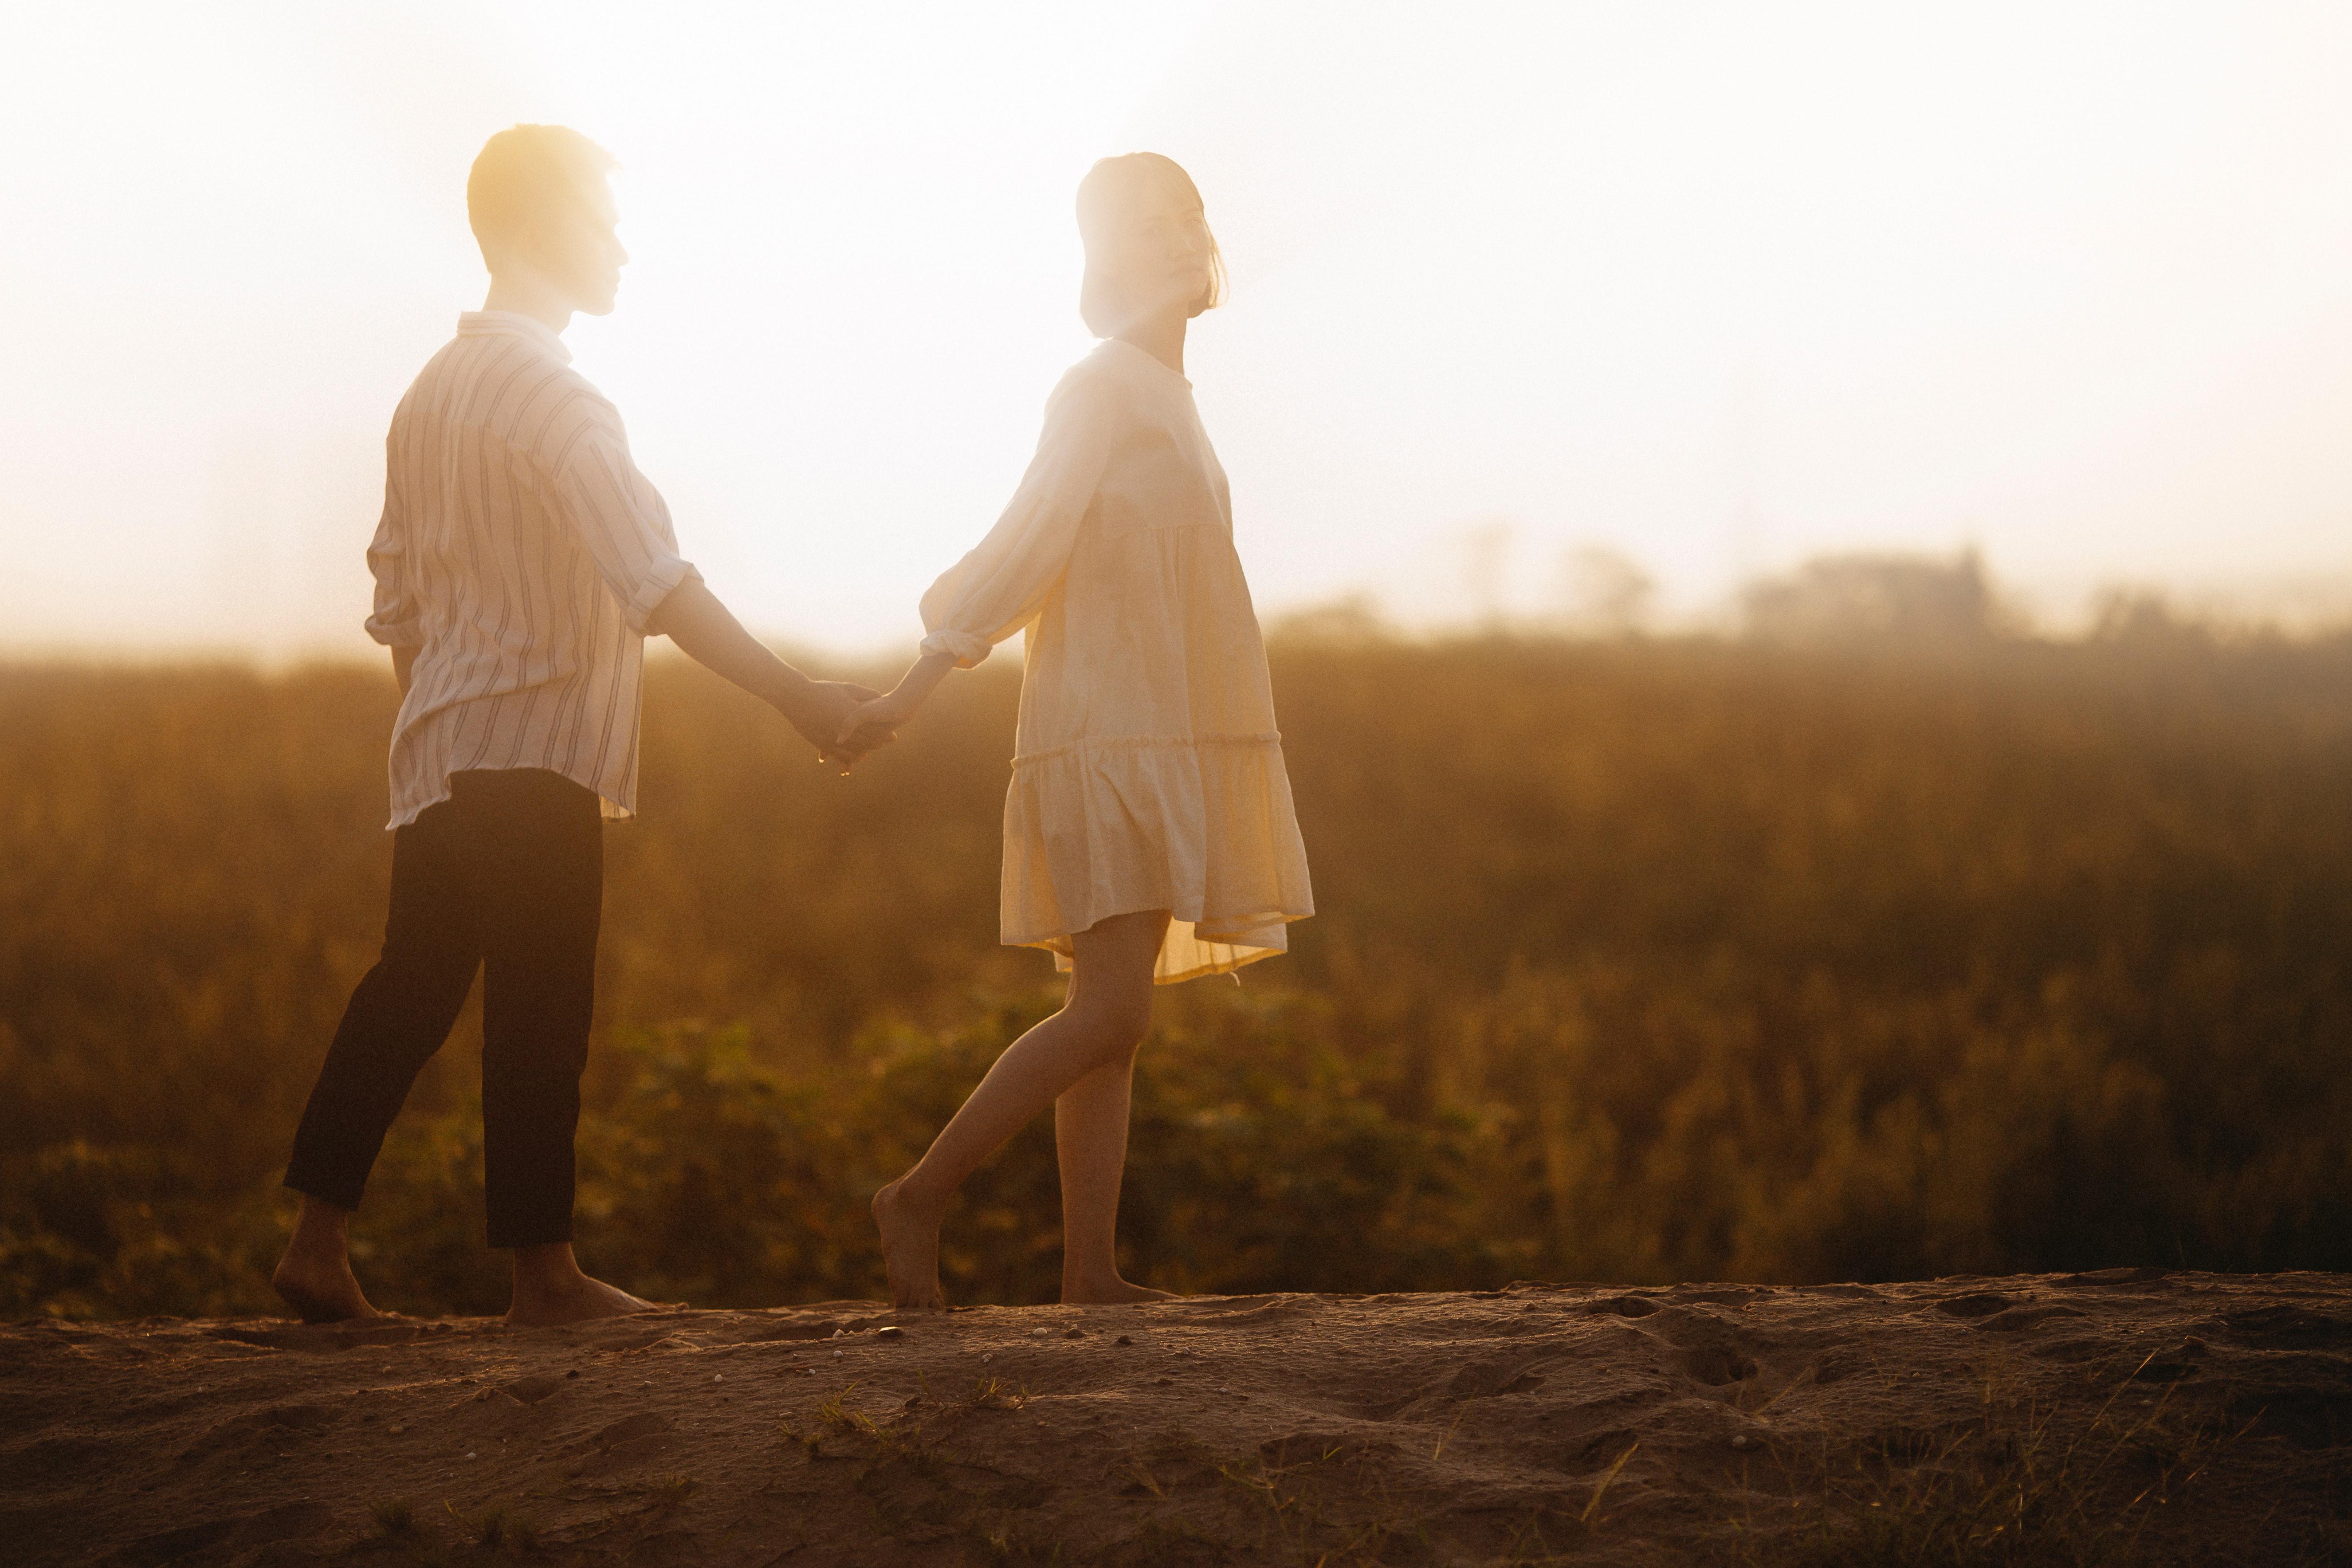 結婚適齢期に結婚すれば幸せになれるのか